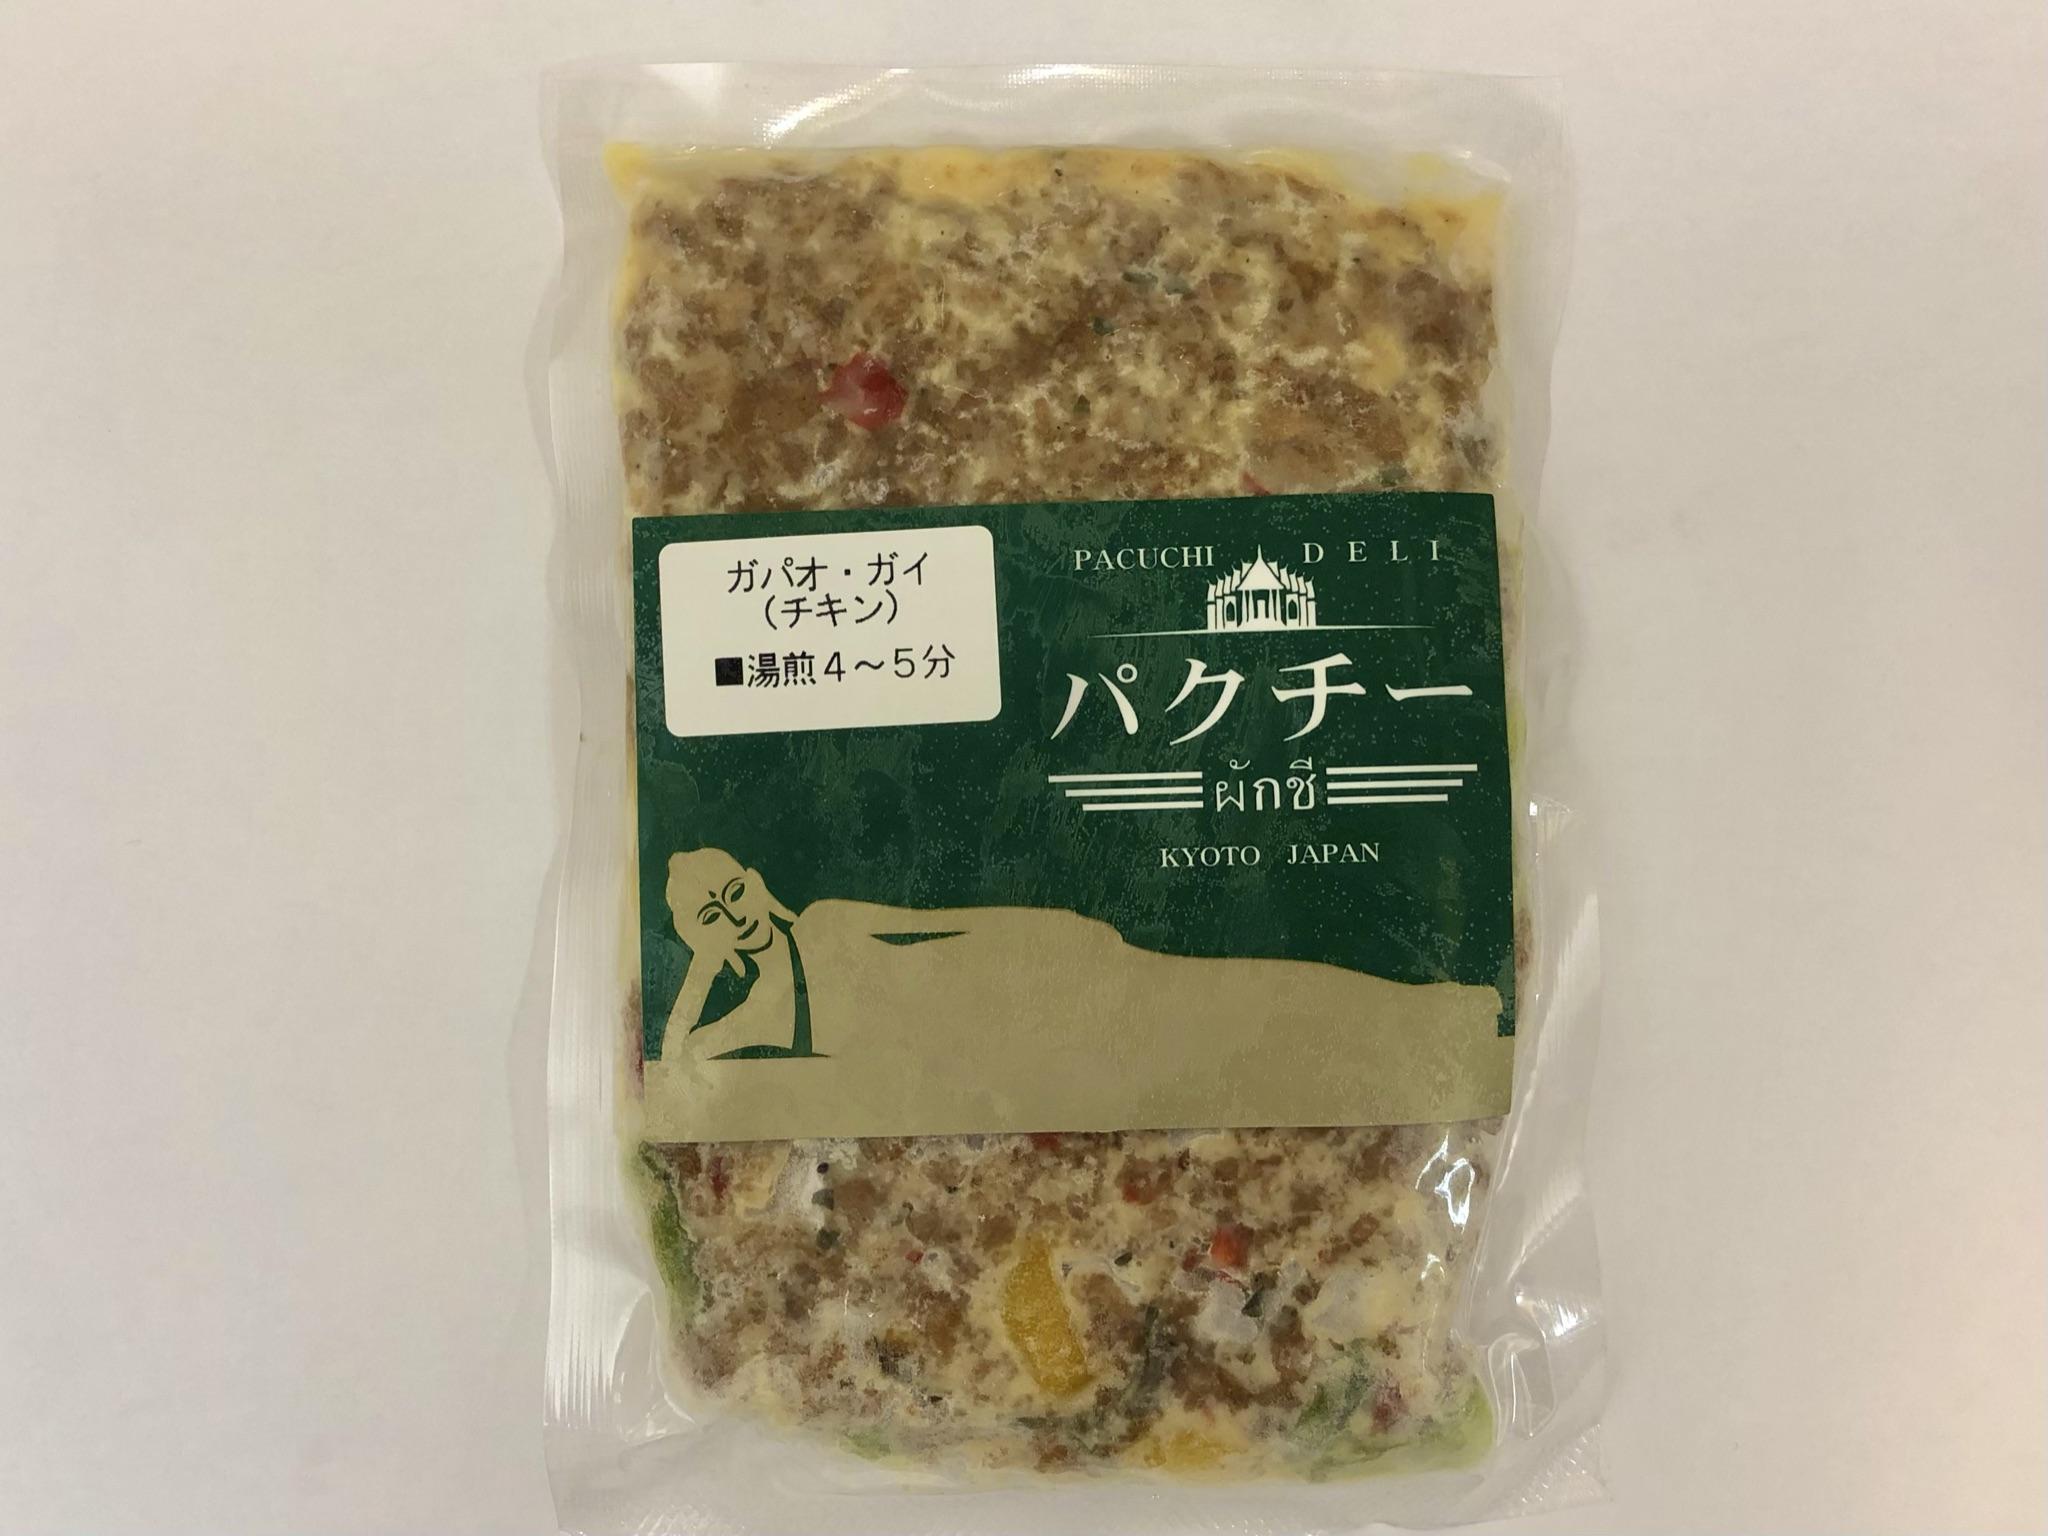 冷凍 鶏ミンチの甘辛ガパオハーブ炒め(ごはん無し)